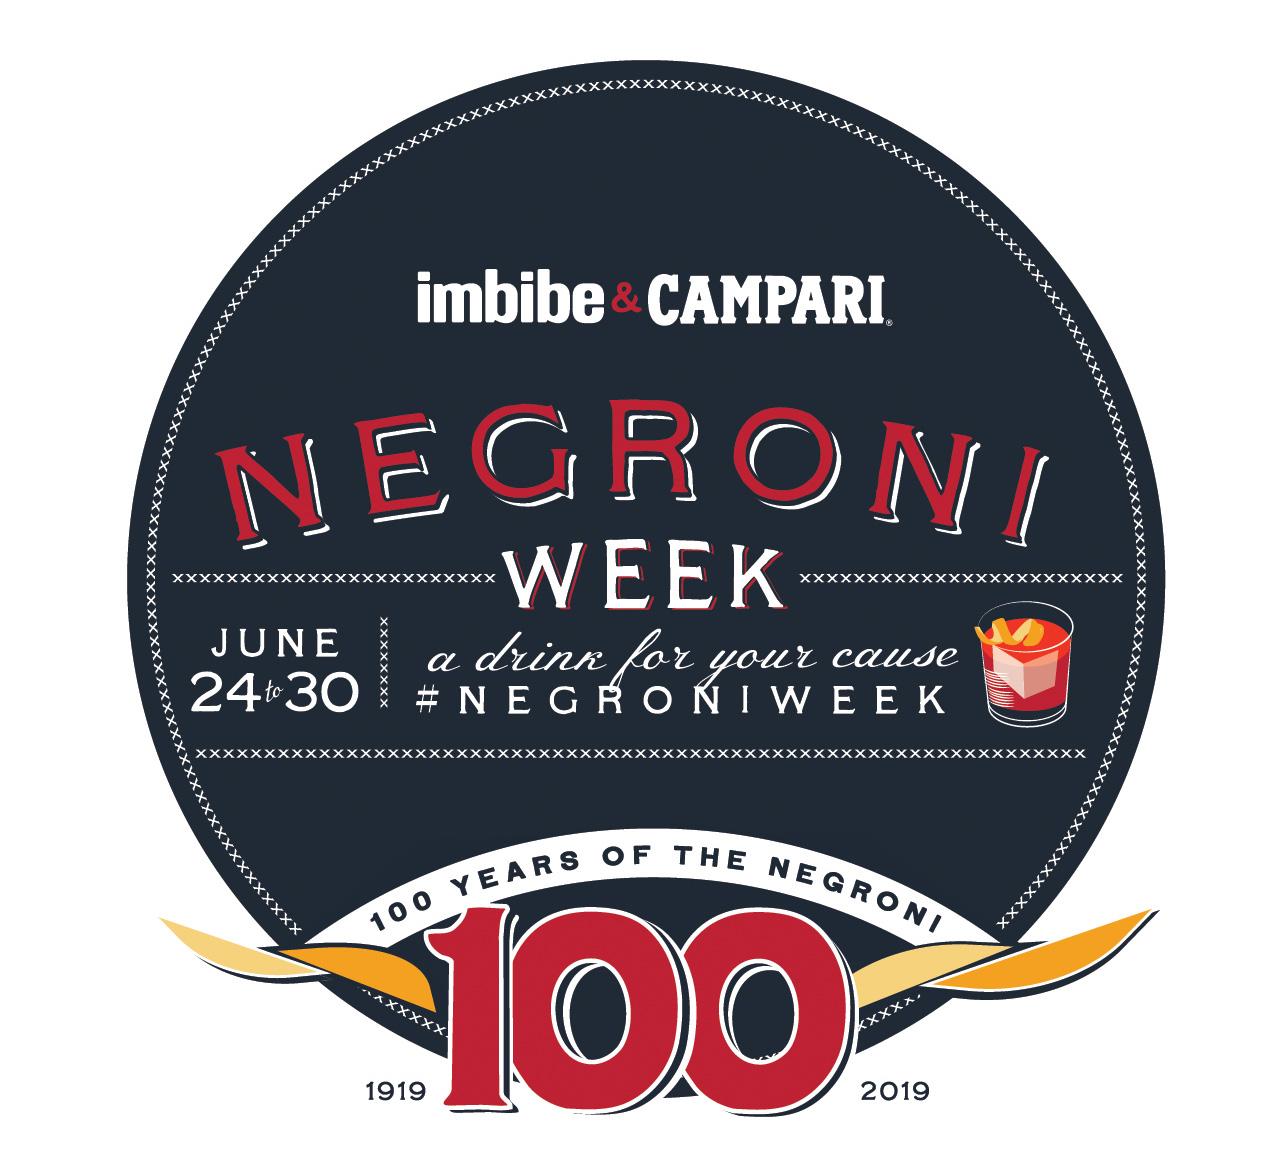 negroni-week-circle-2019.jpg